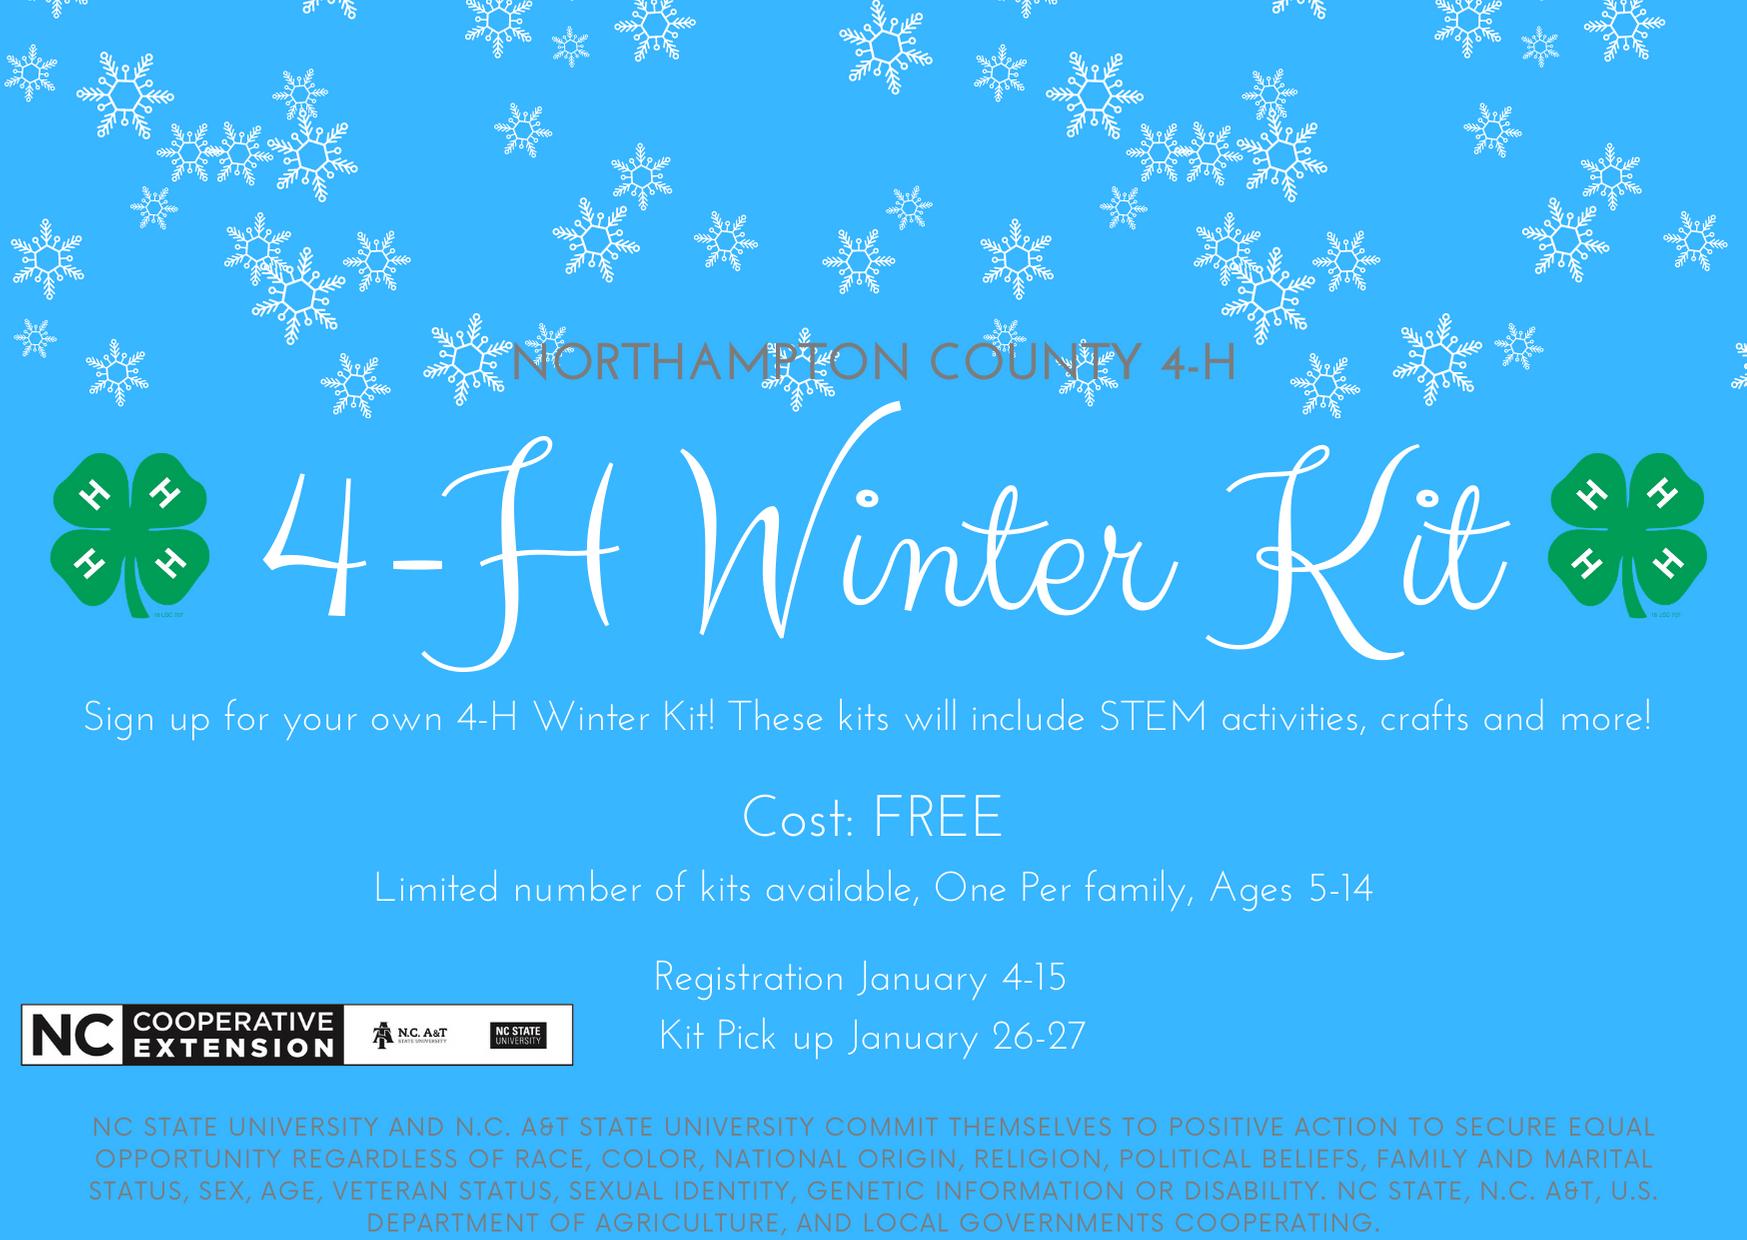 4-H Winter Kit flyer